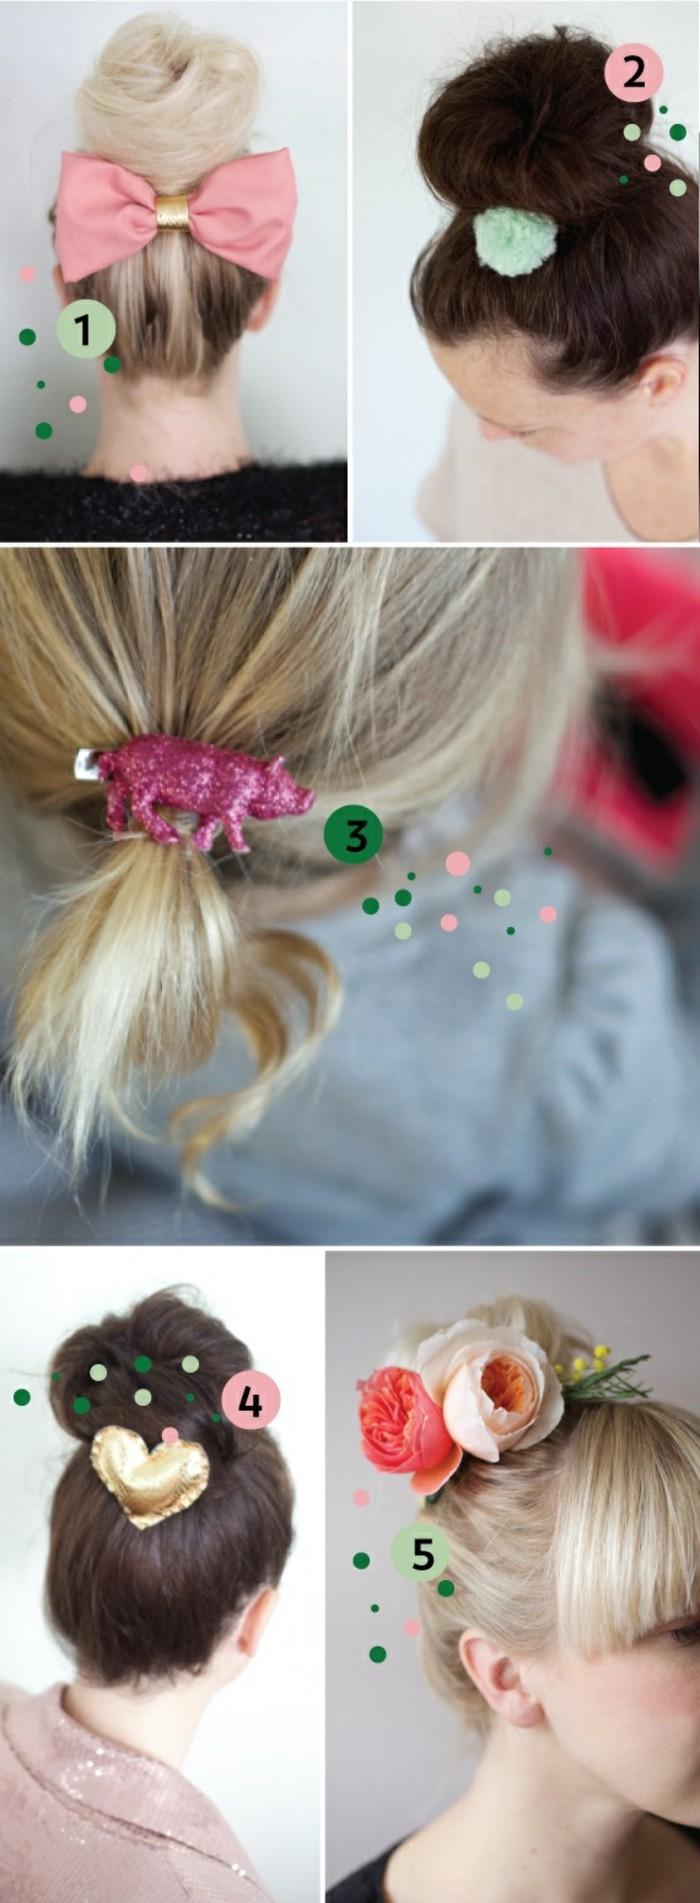 Haarspangen-selber-machen-fünf-kreative-vorschläge-mit-blumen